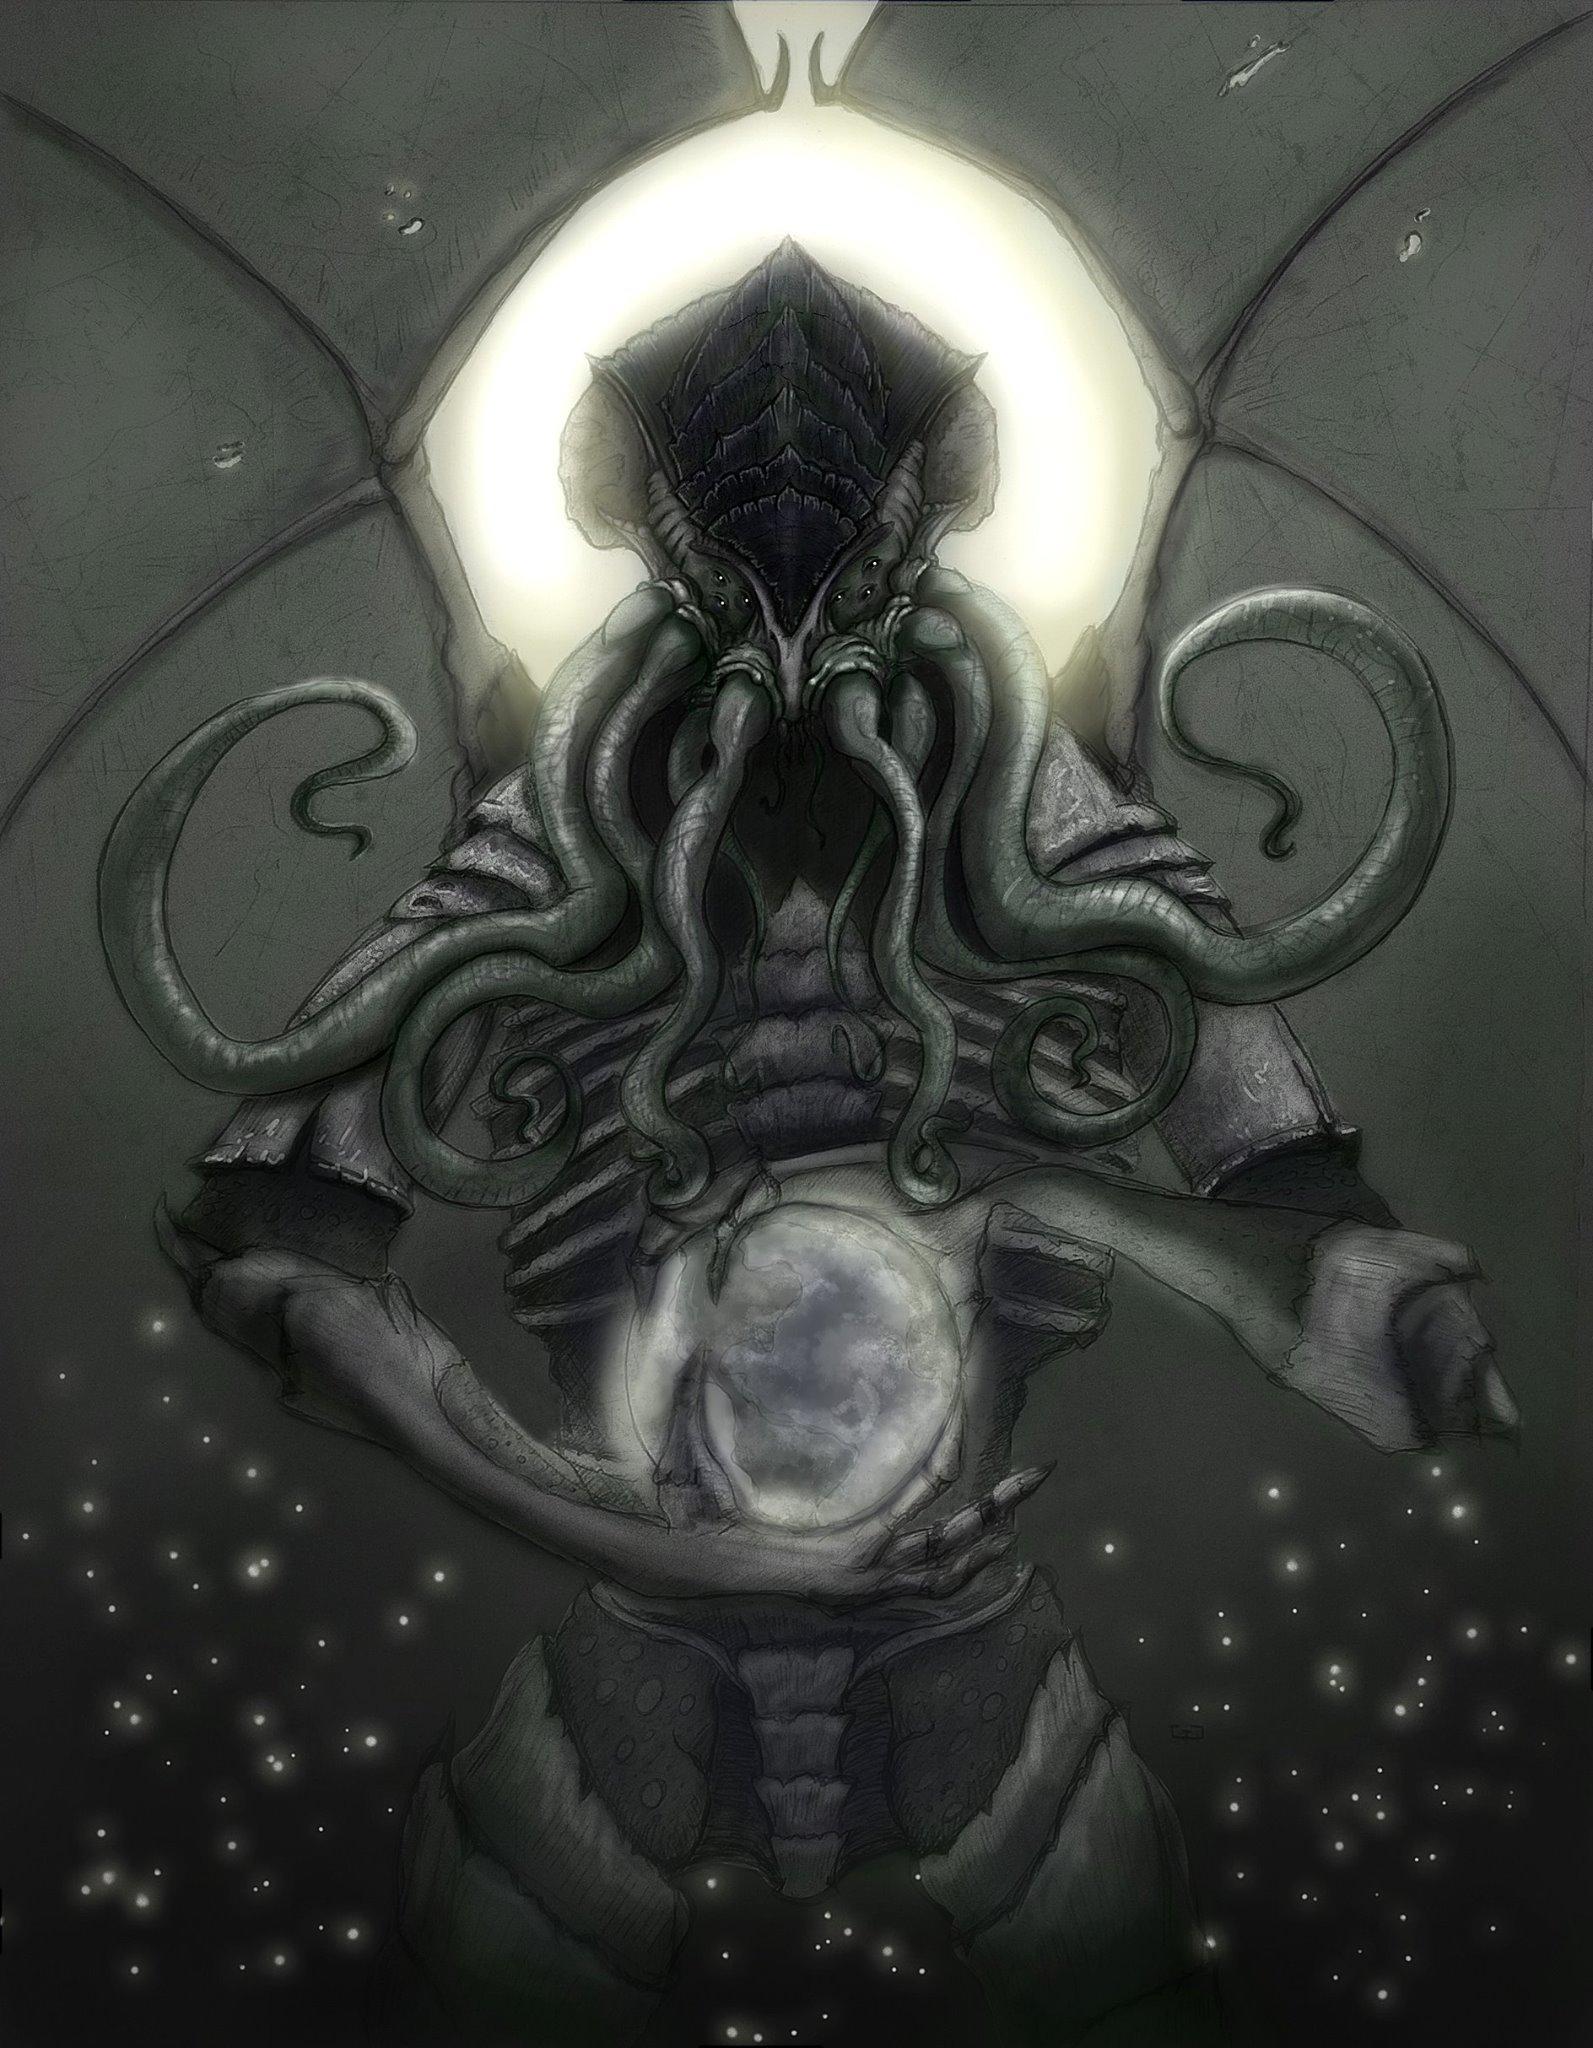 Cthulhu, Lord of Madness